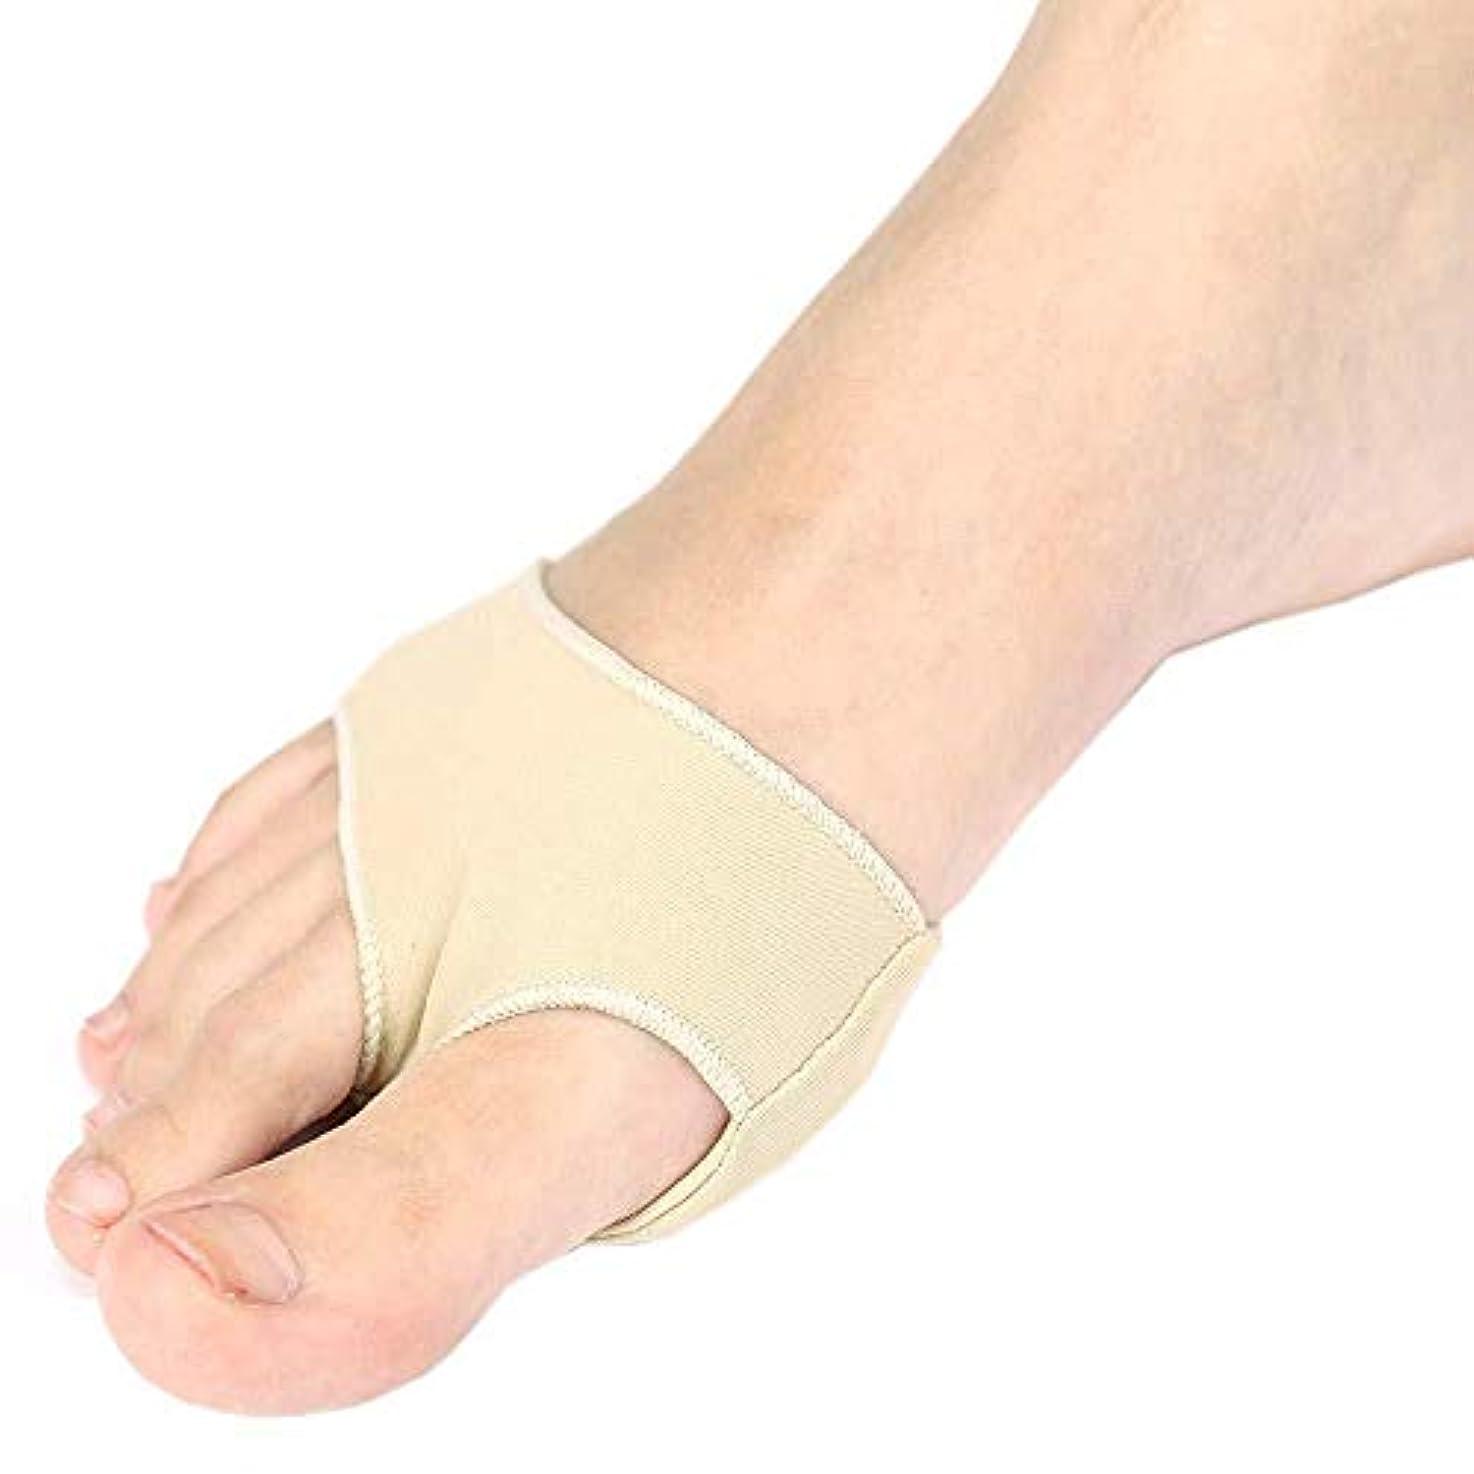 お尻センサーフェザーつま先と外反の分離のためのつま先セパレーター、足の親指矯正器、つま先矯正器、装具つま先セパレーター,L